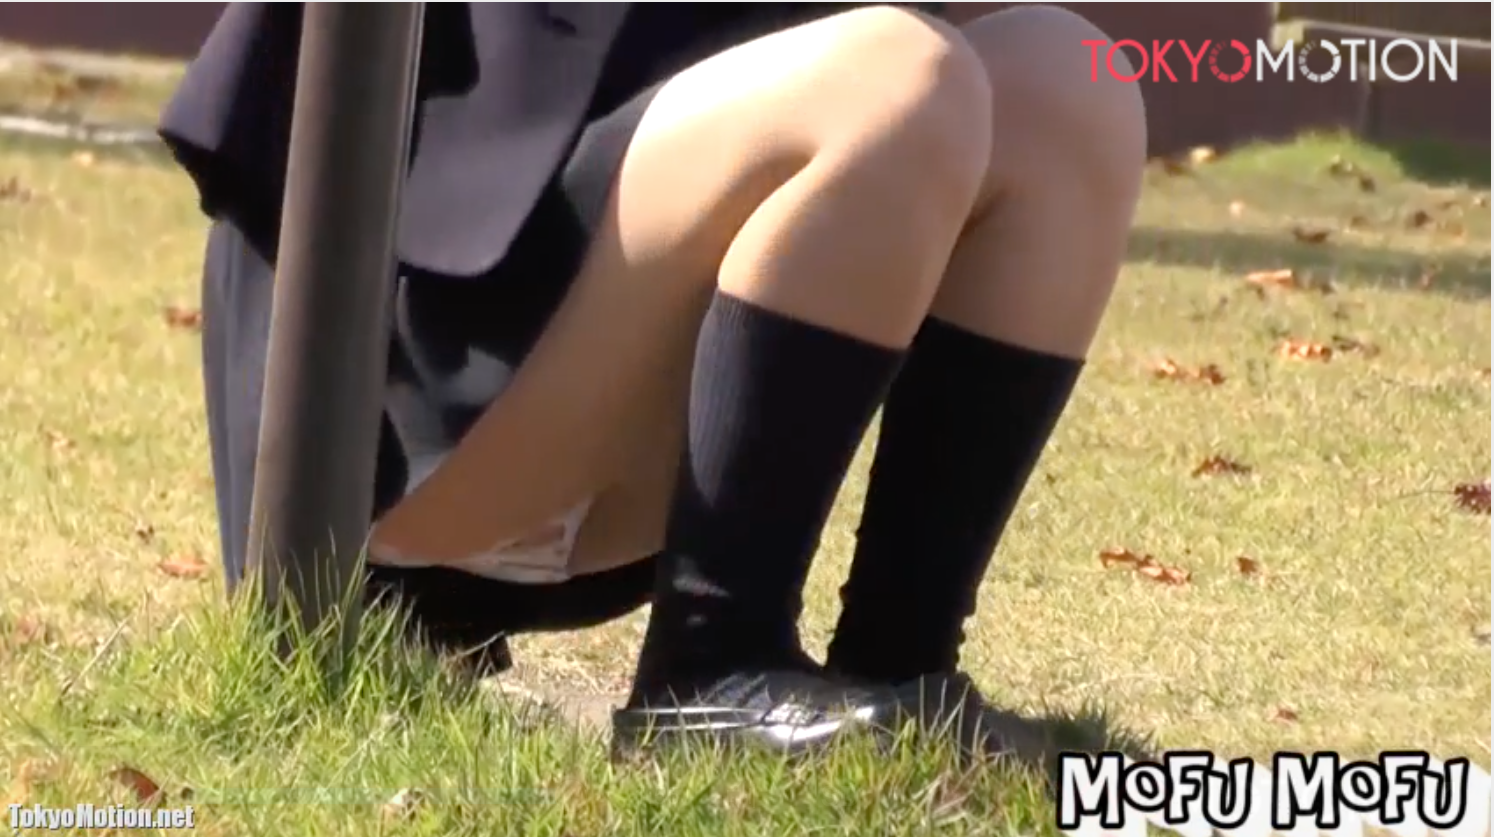 【盗撮】平和な放課後に公園で楽しそうに遊ぶ天使のような女子高生の汚れなきパンツを激写!